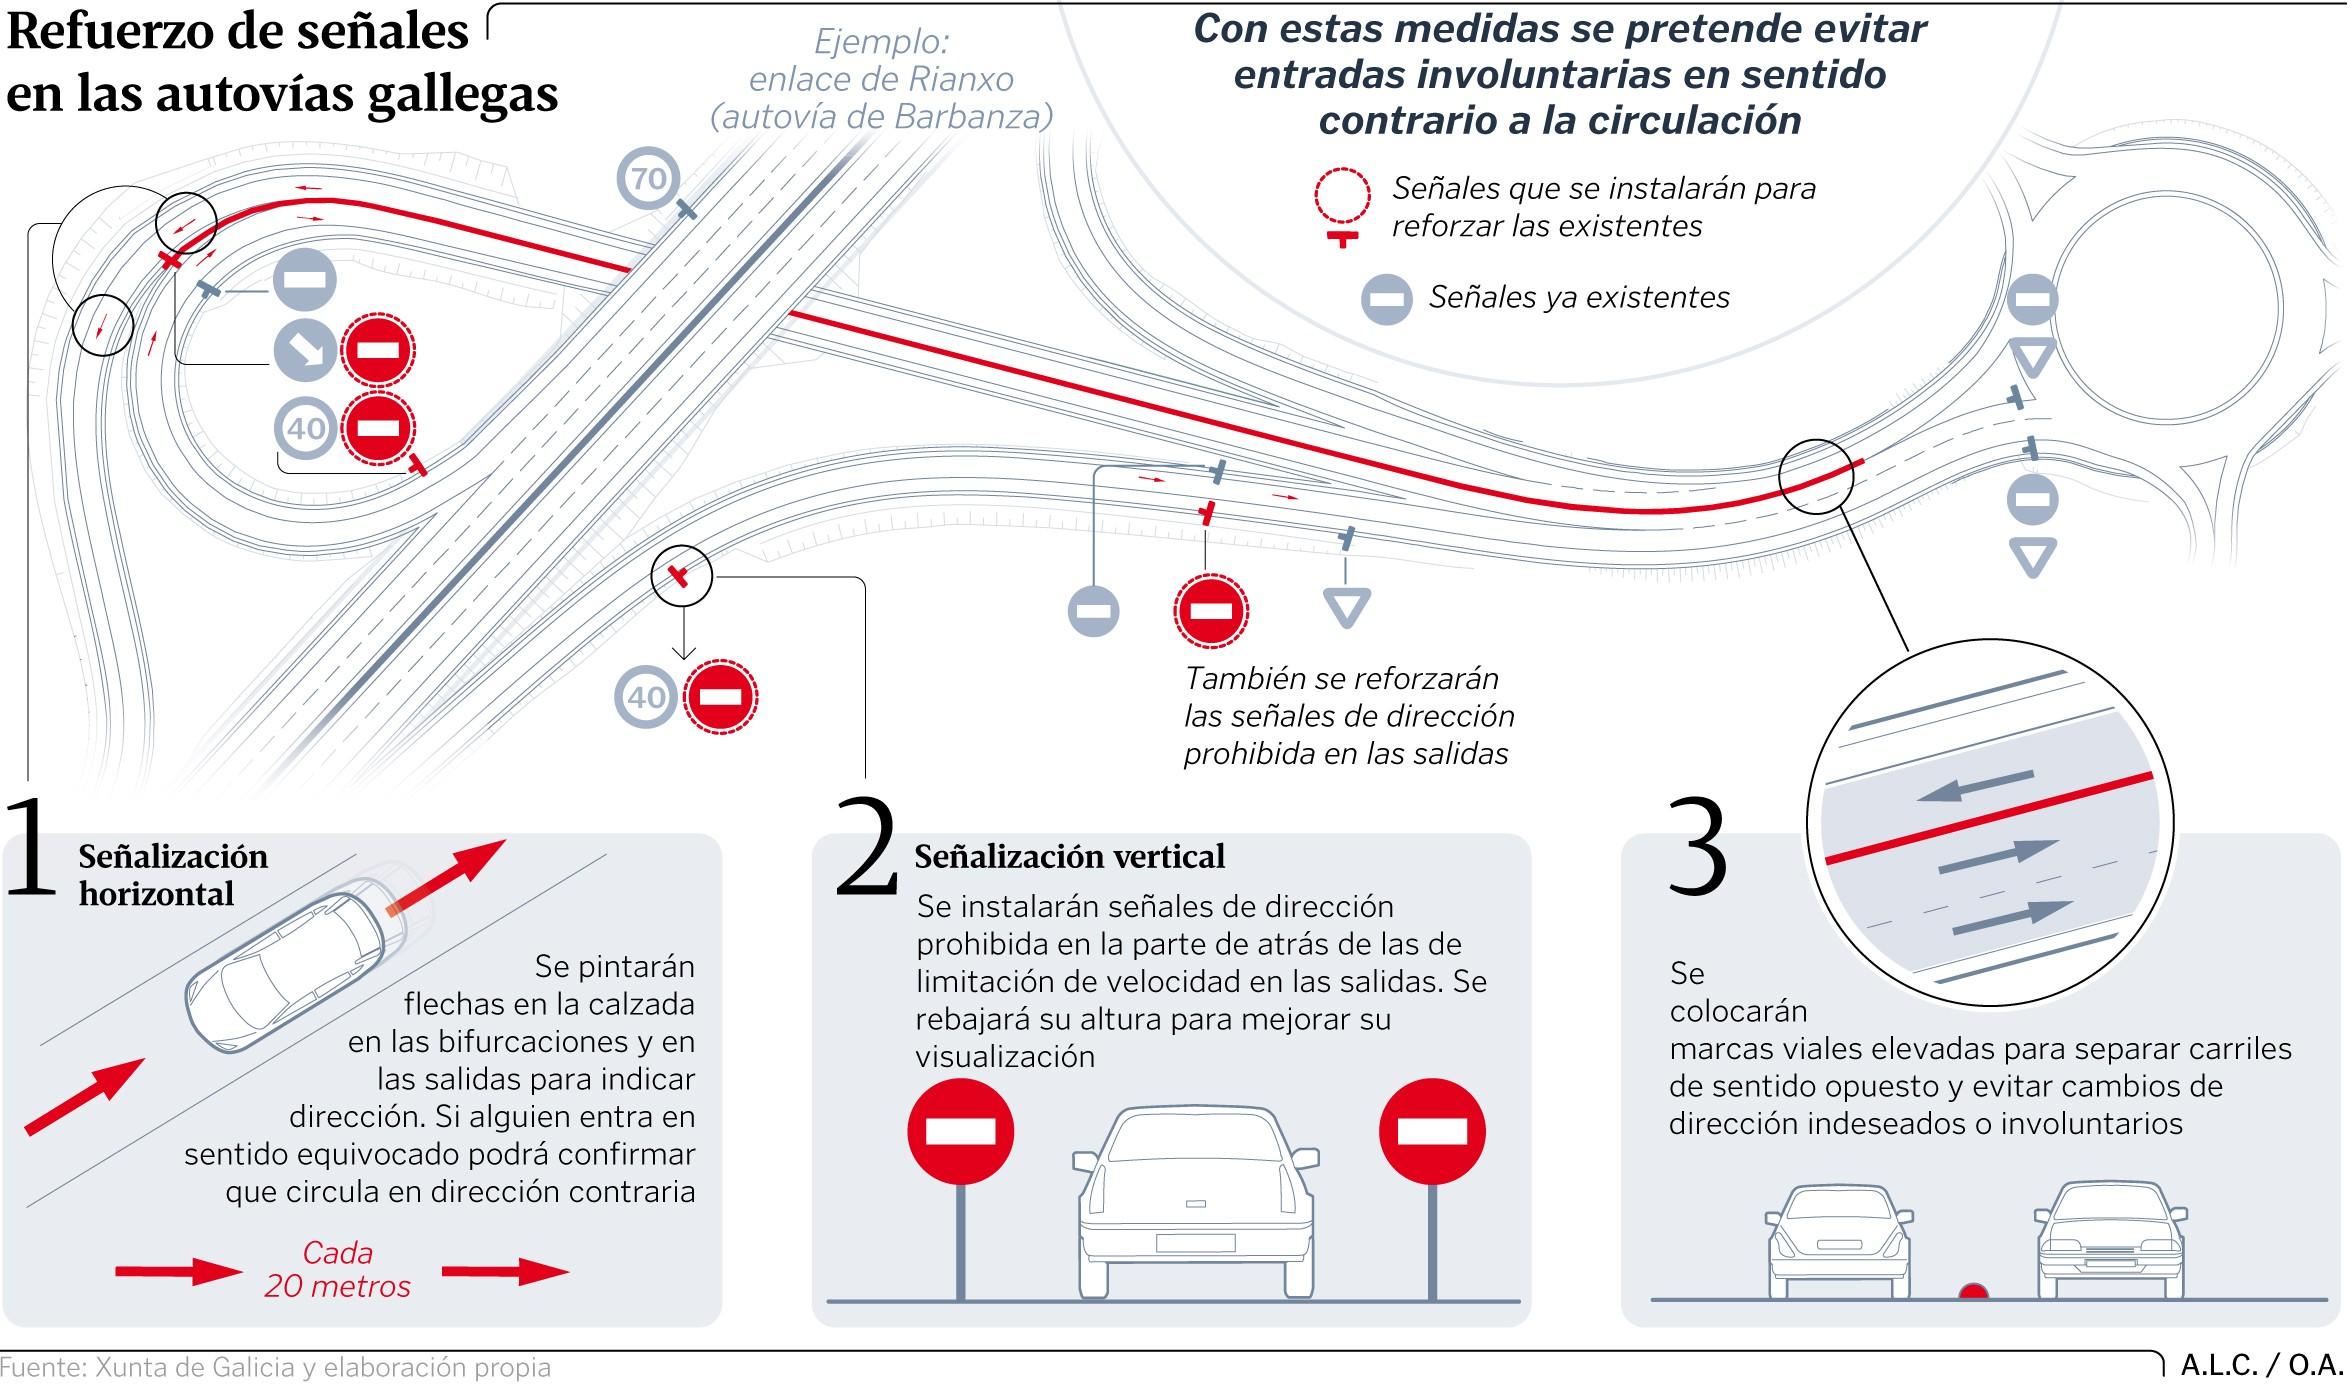 Calendario Laboral 2019 Xunta Galicia Más Recientes La Fiscala Plantea Que Los Psicotécnicos Vean Los Datos Médicos De